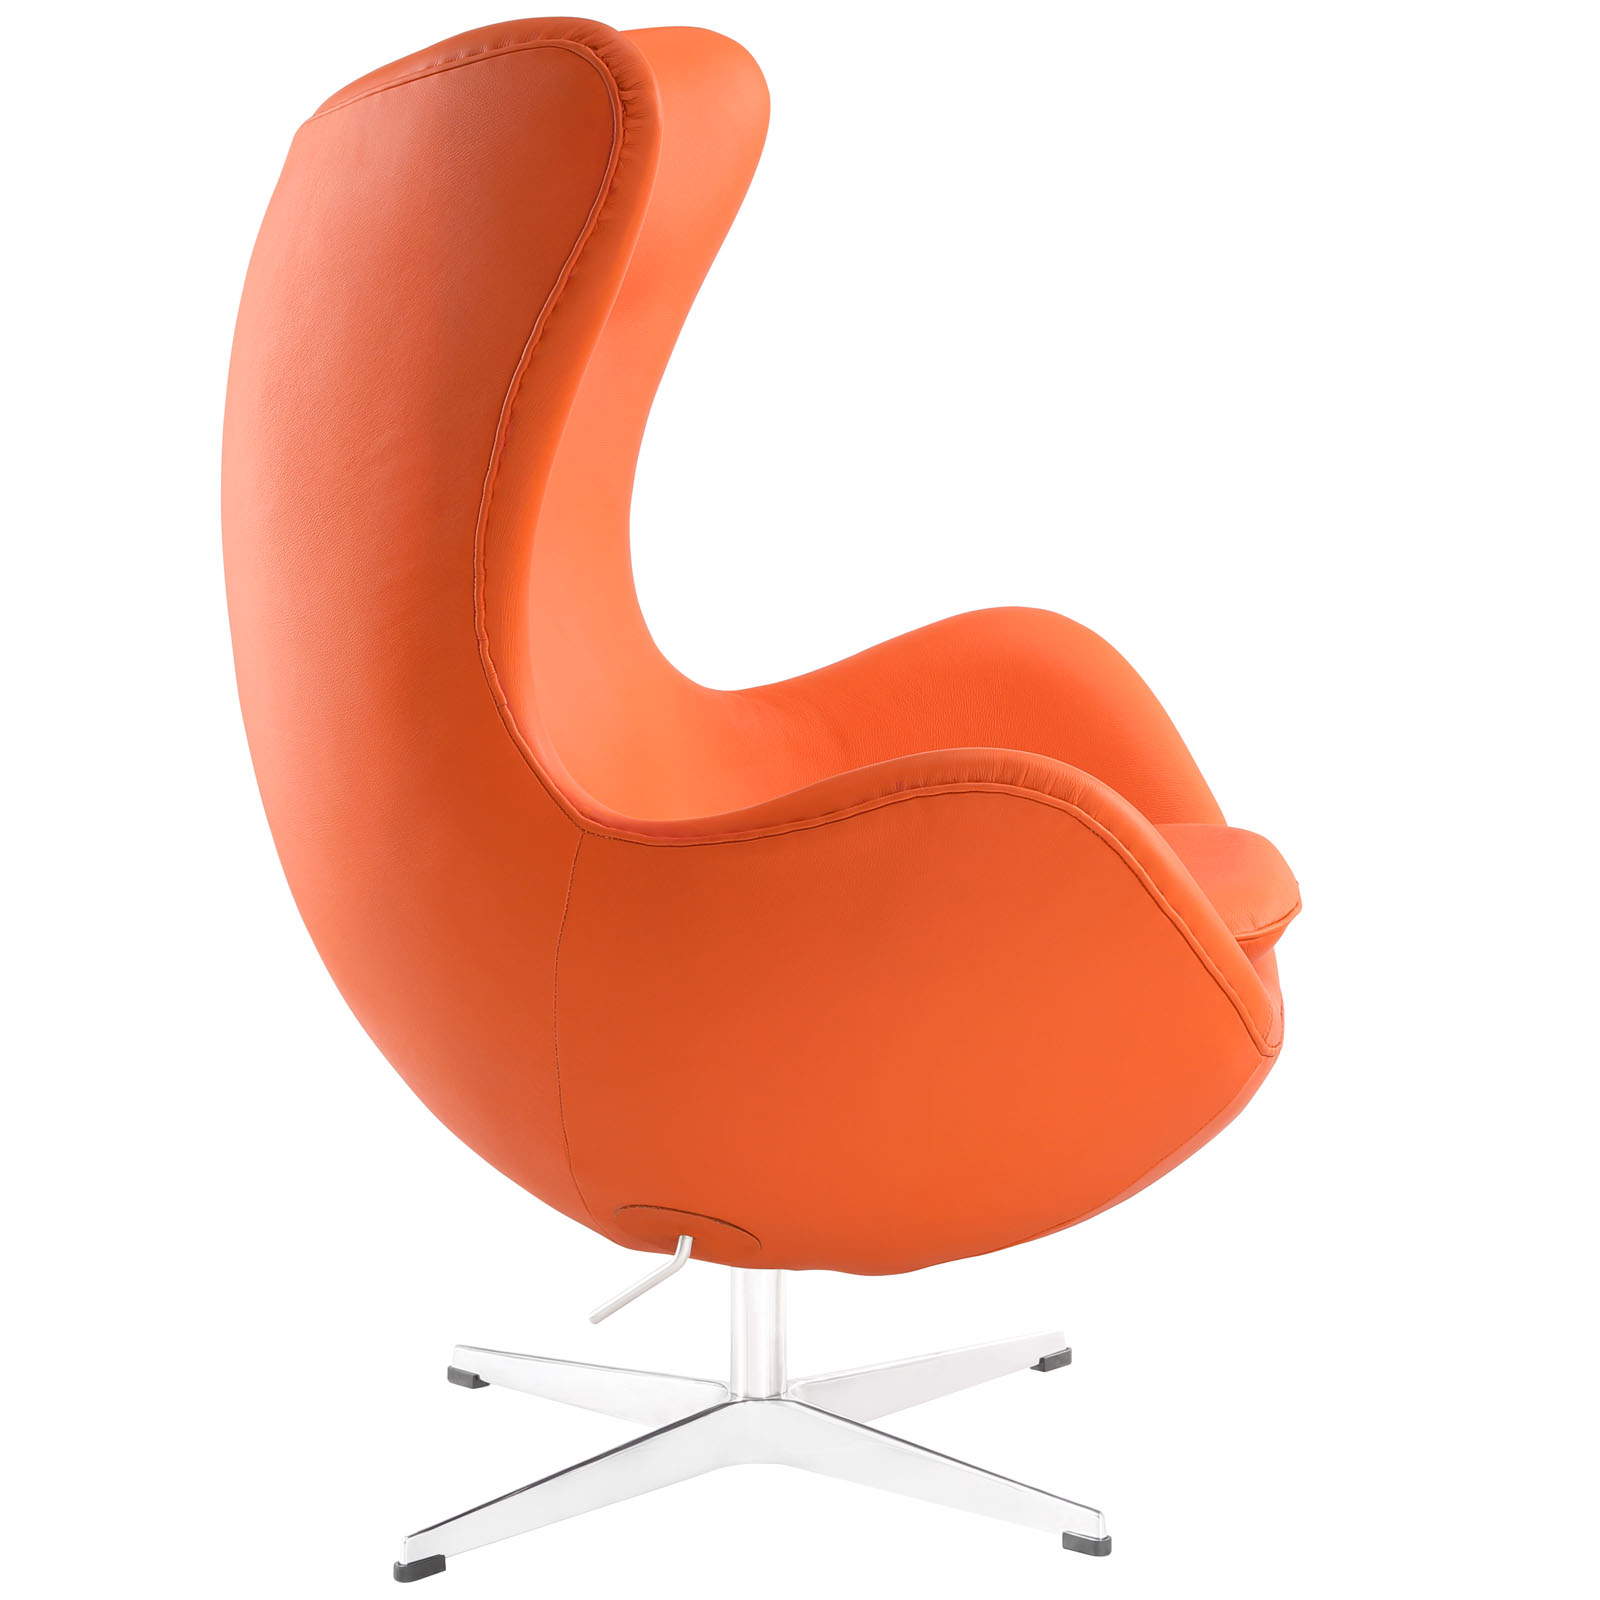 Magnum Orange Leather Accent Chair 2